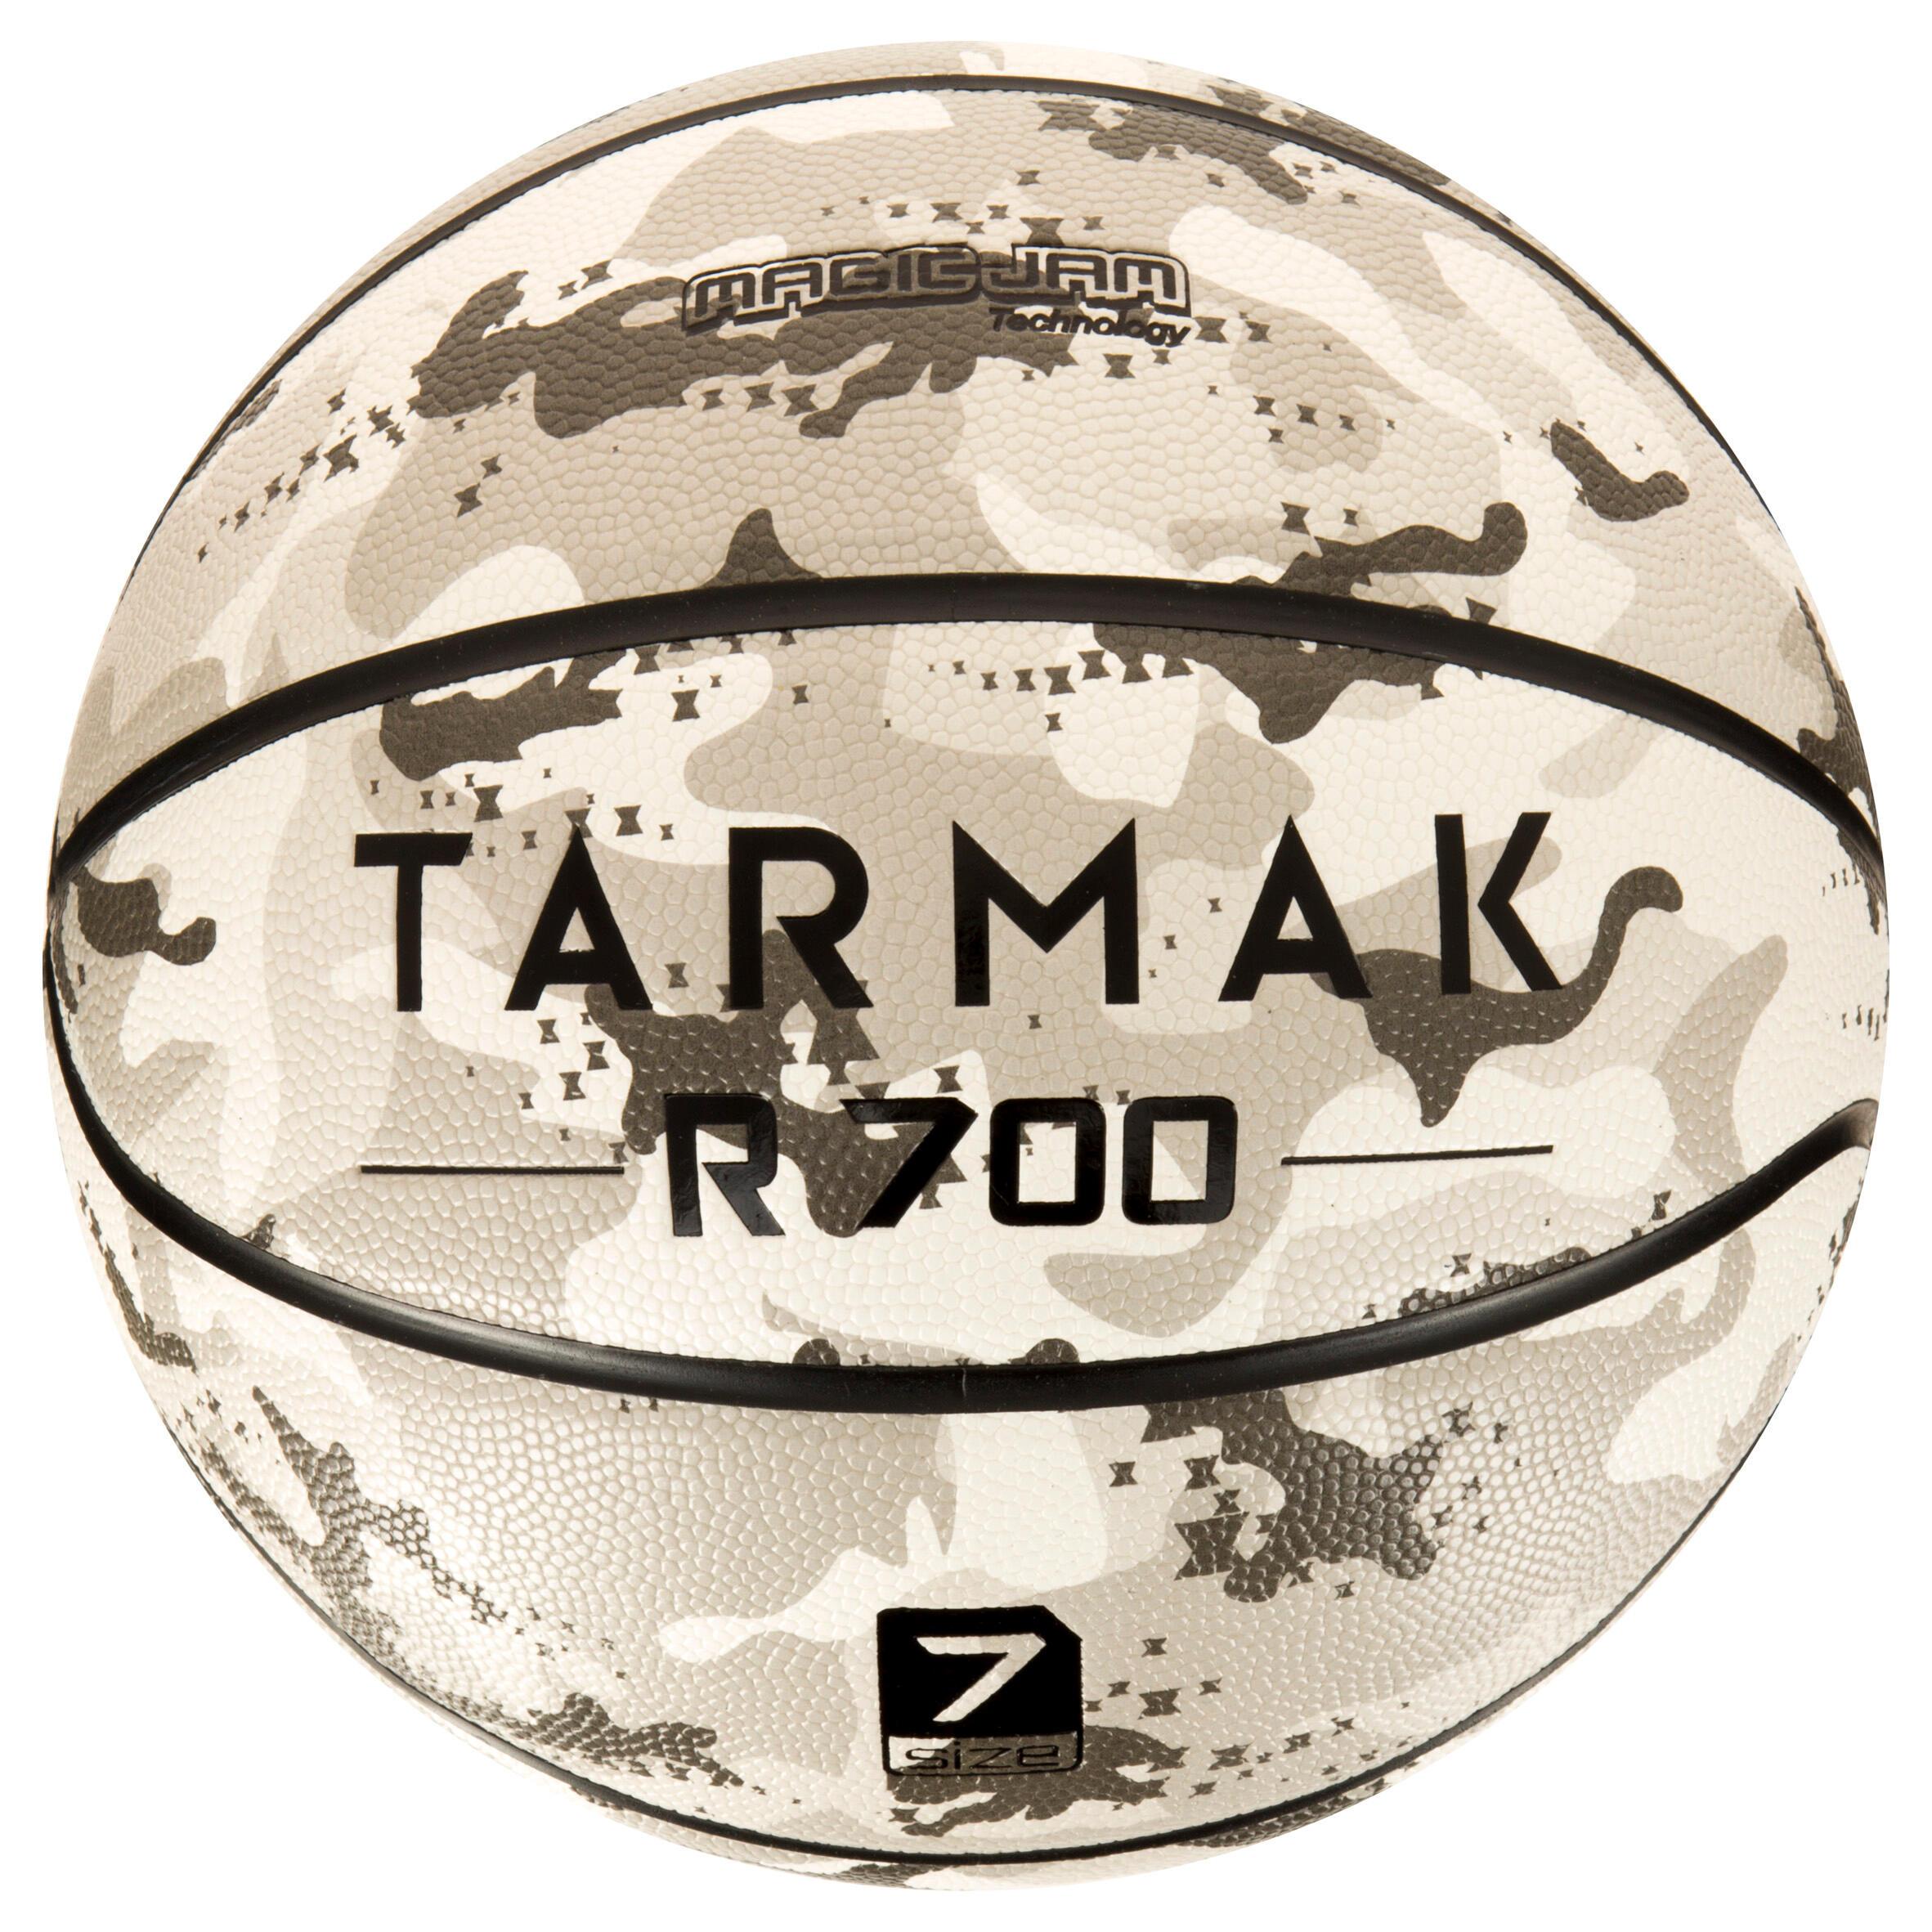 Tarmak Basketbal VW R700 maat 7 camo grijs lekvrij en uitstekend balgevoel